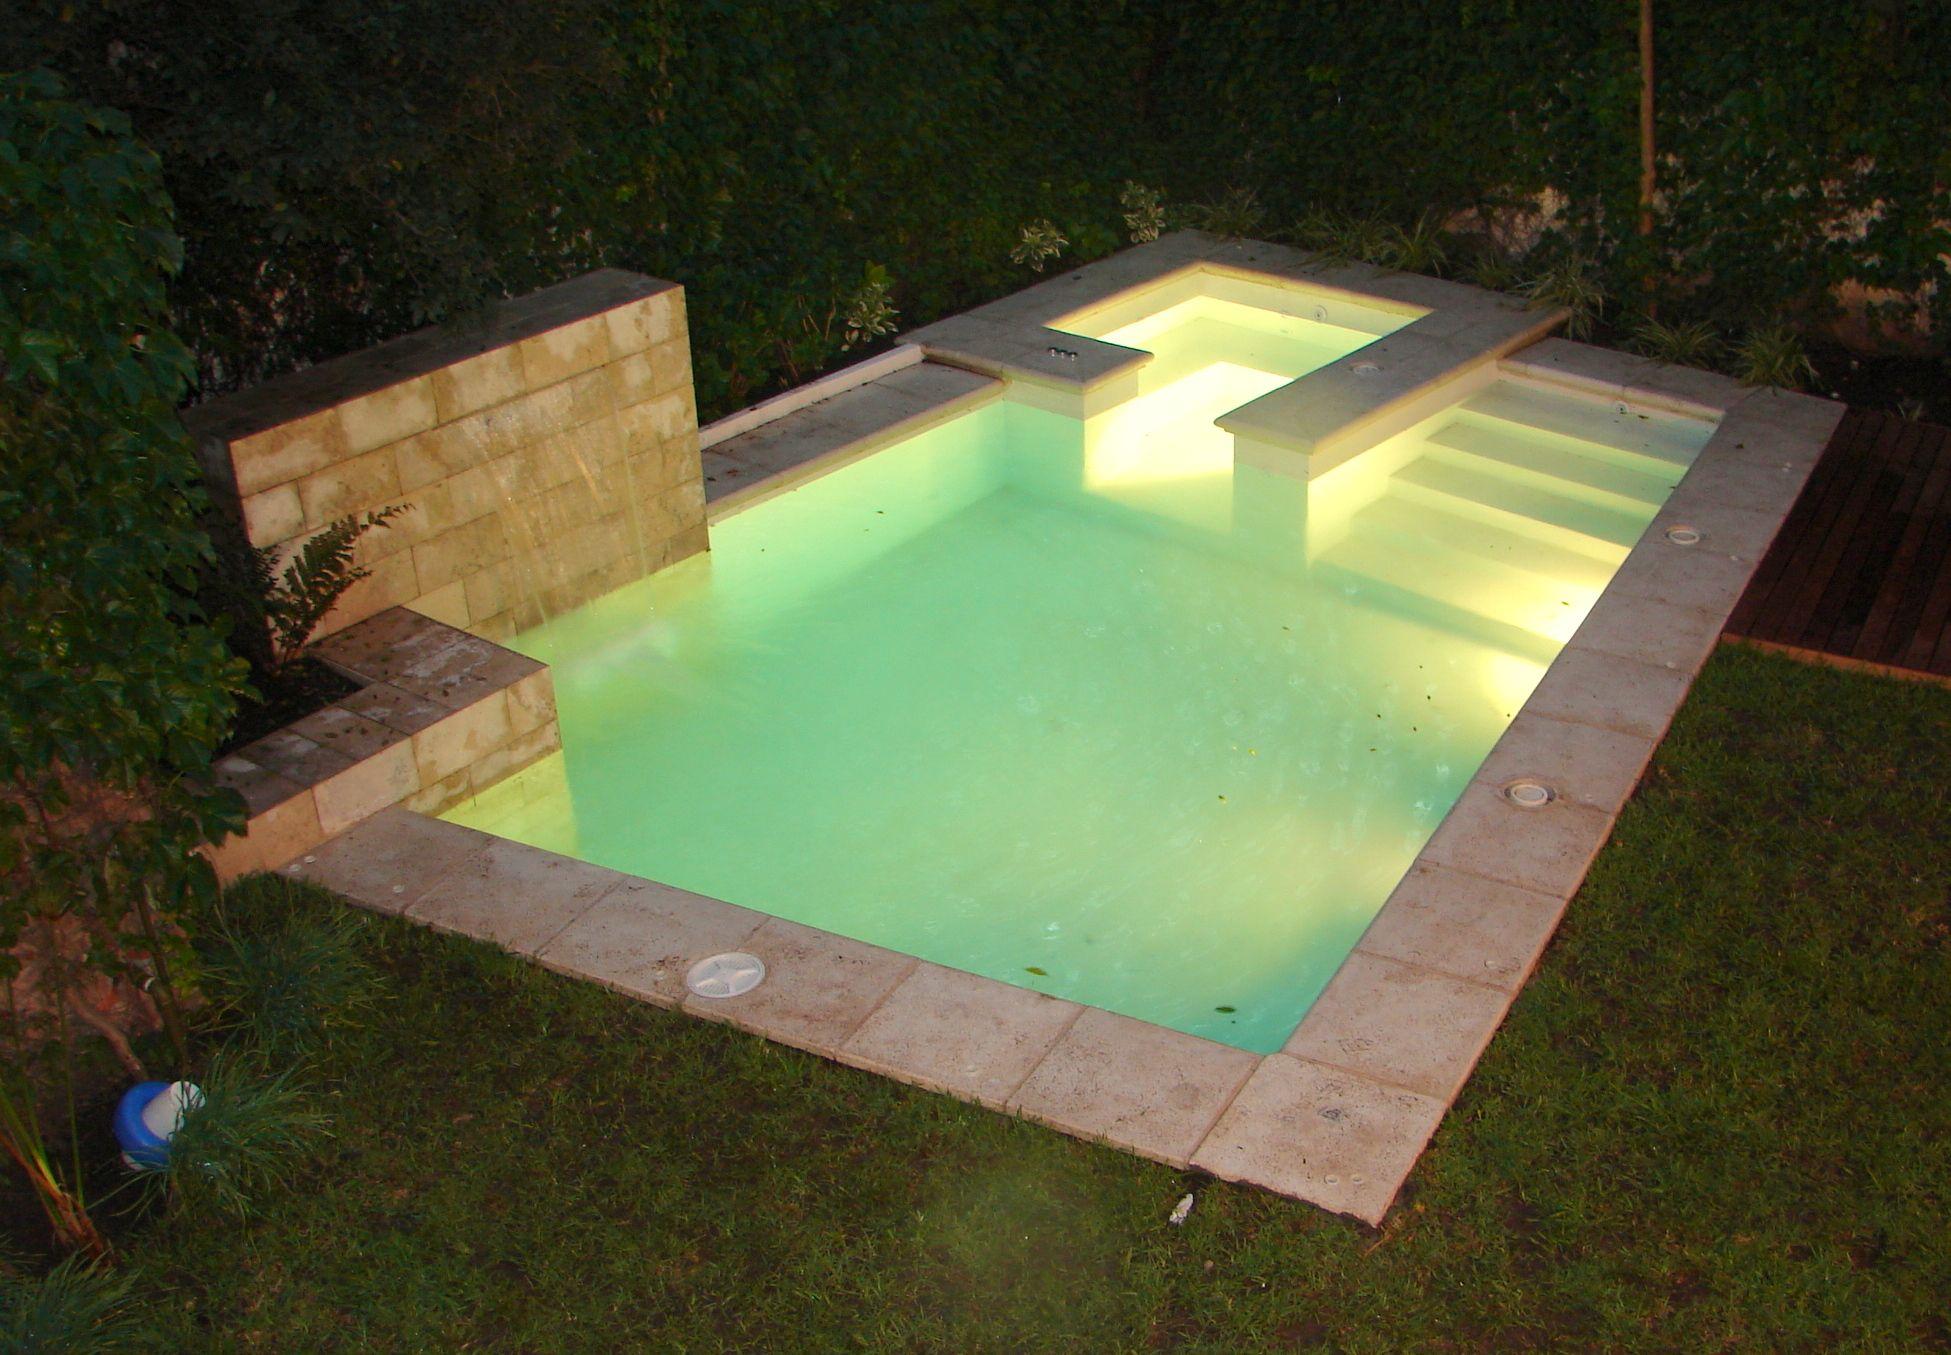 Piscinas familiar cordoba argentina piscina hidro for Piscinas publicas baratas en cordoba